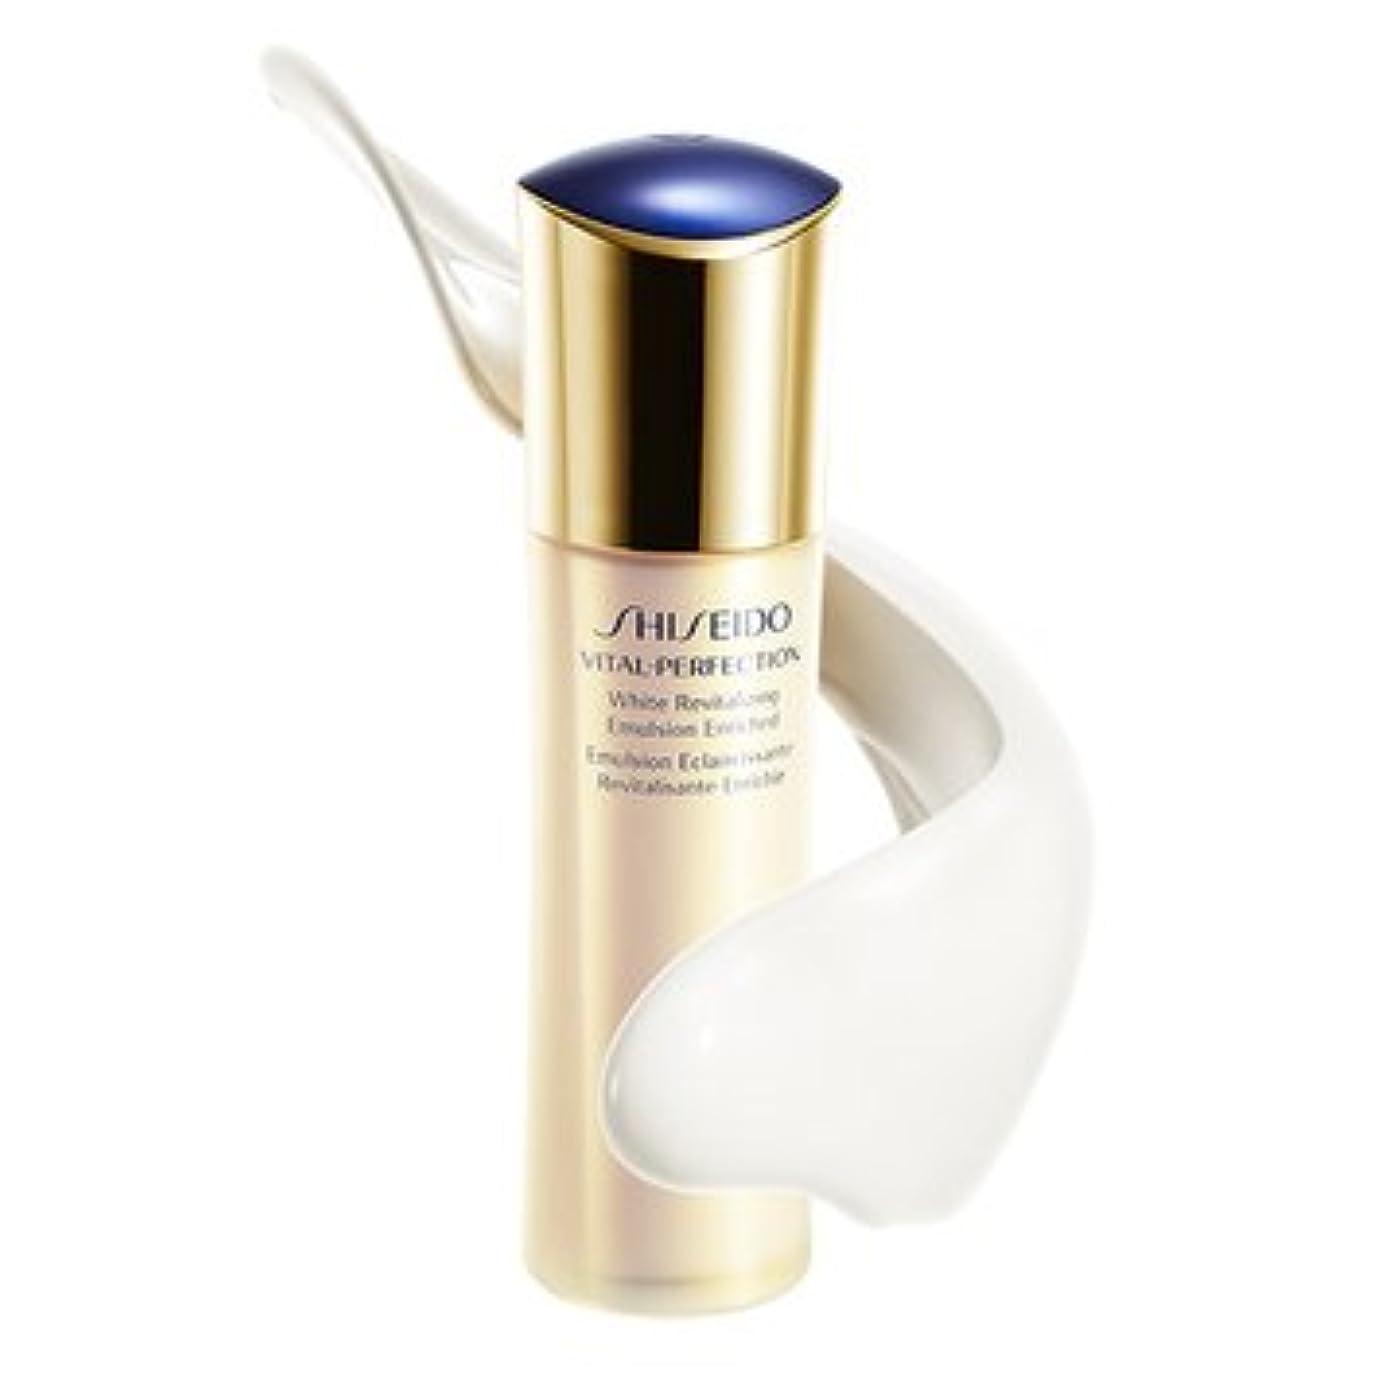 壮大な安全でない覆す資生堂/shiseido バイタルパーフェクション/VITAL-PERFECTION ホワイトRV エマルジョン(医薬部外品)美白乳液